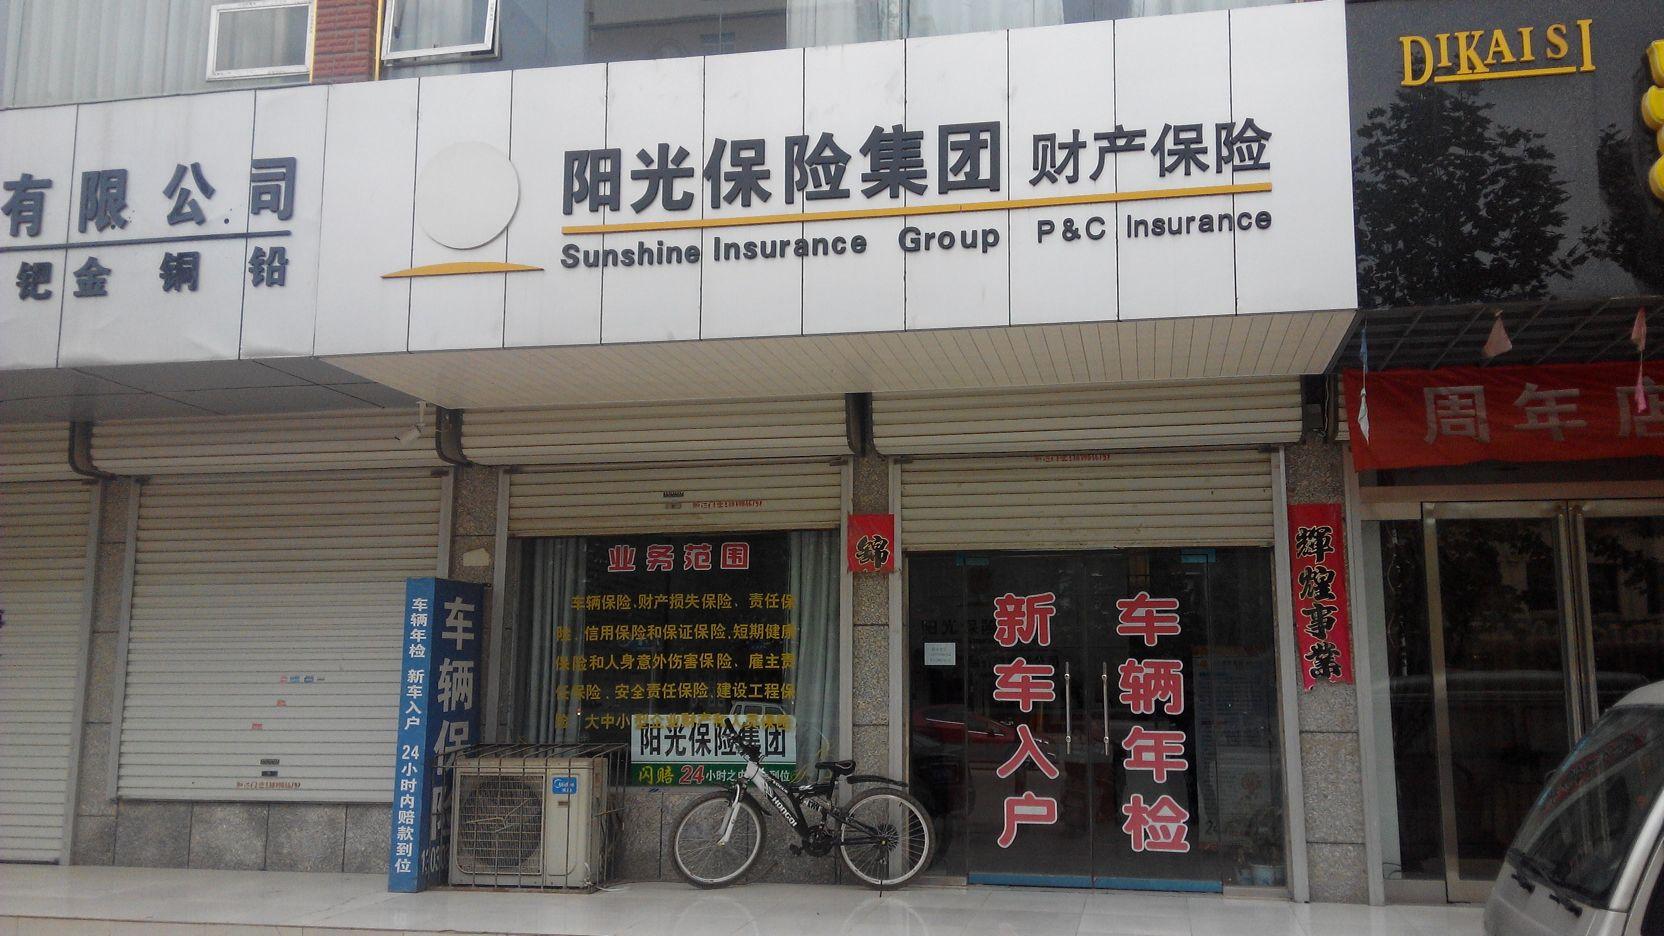 阳光财险(灵宝市支公司)